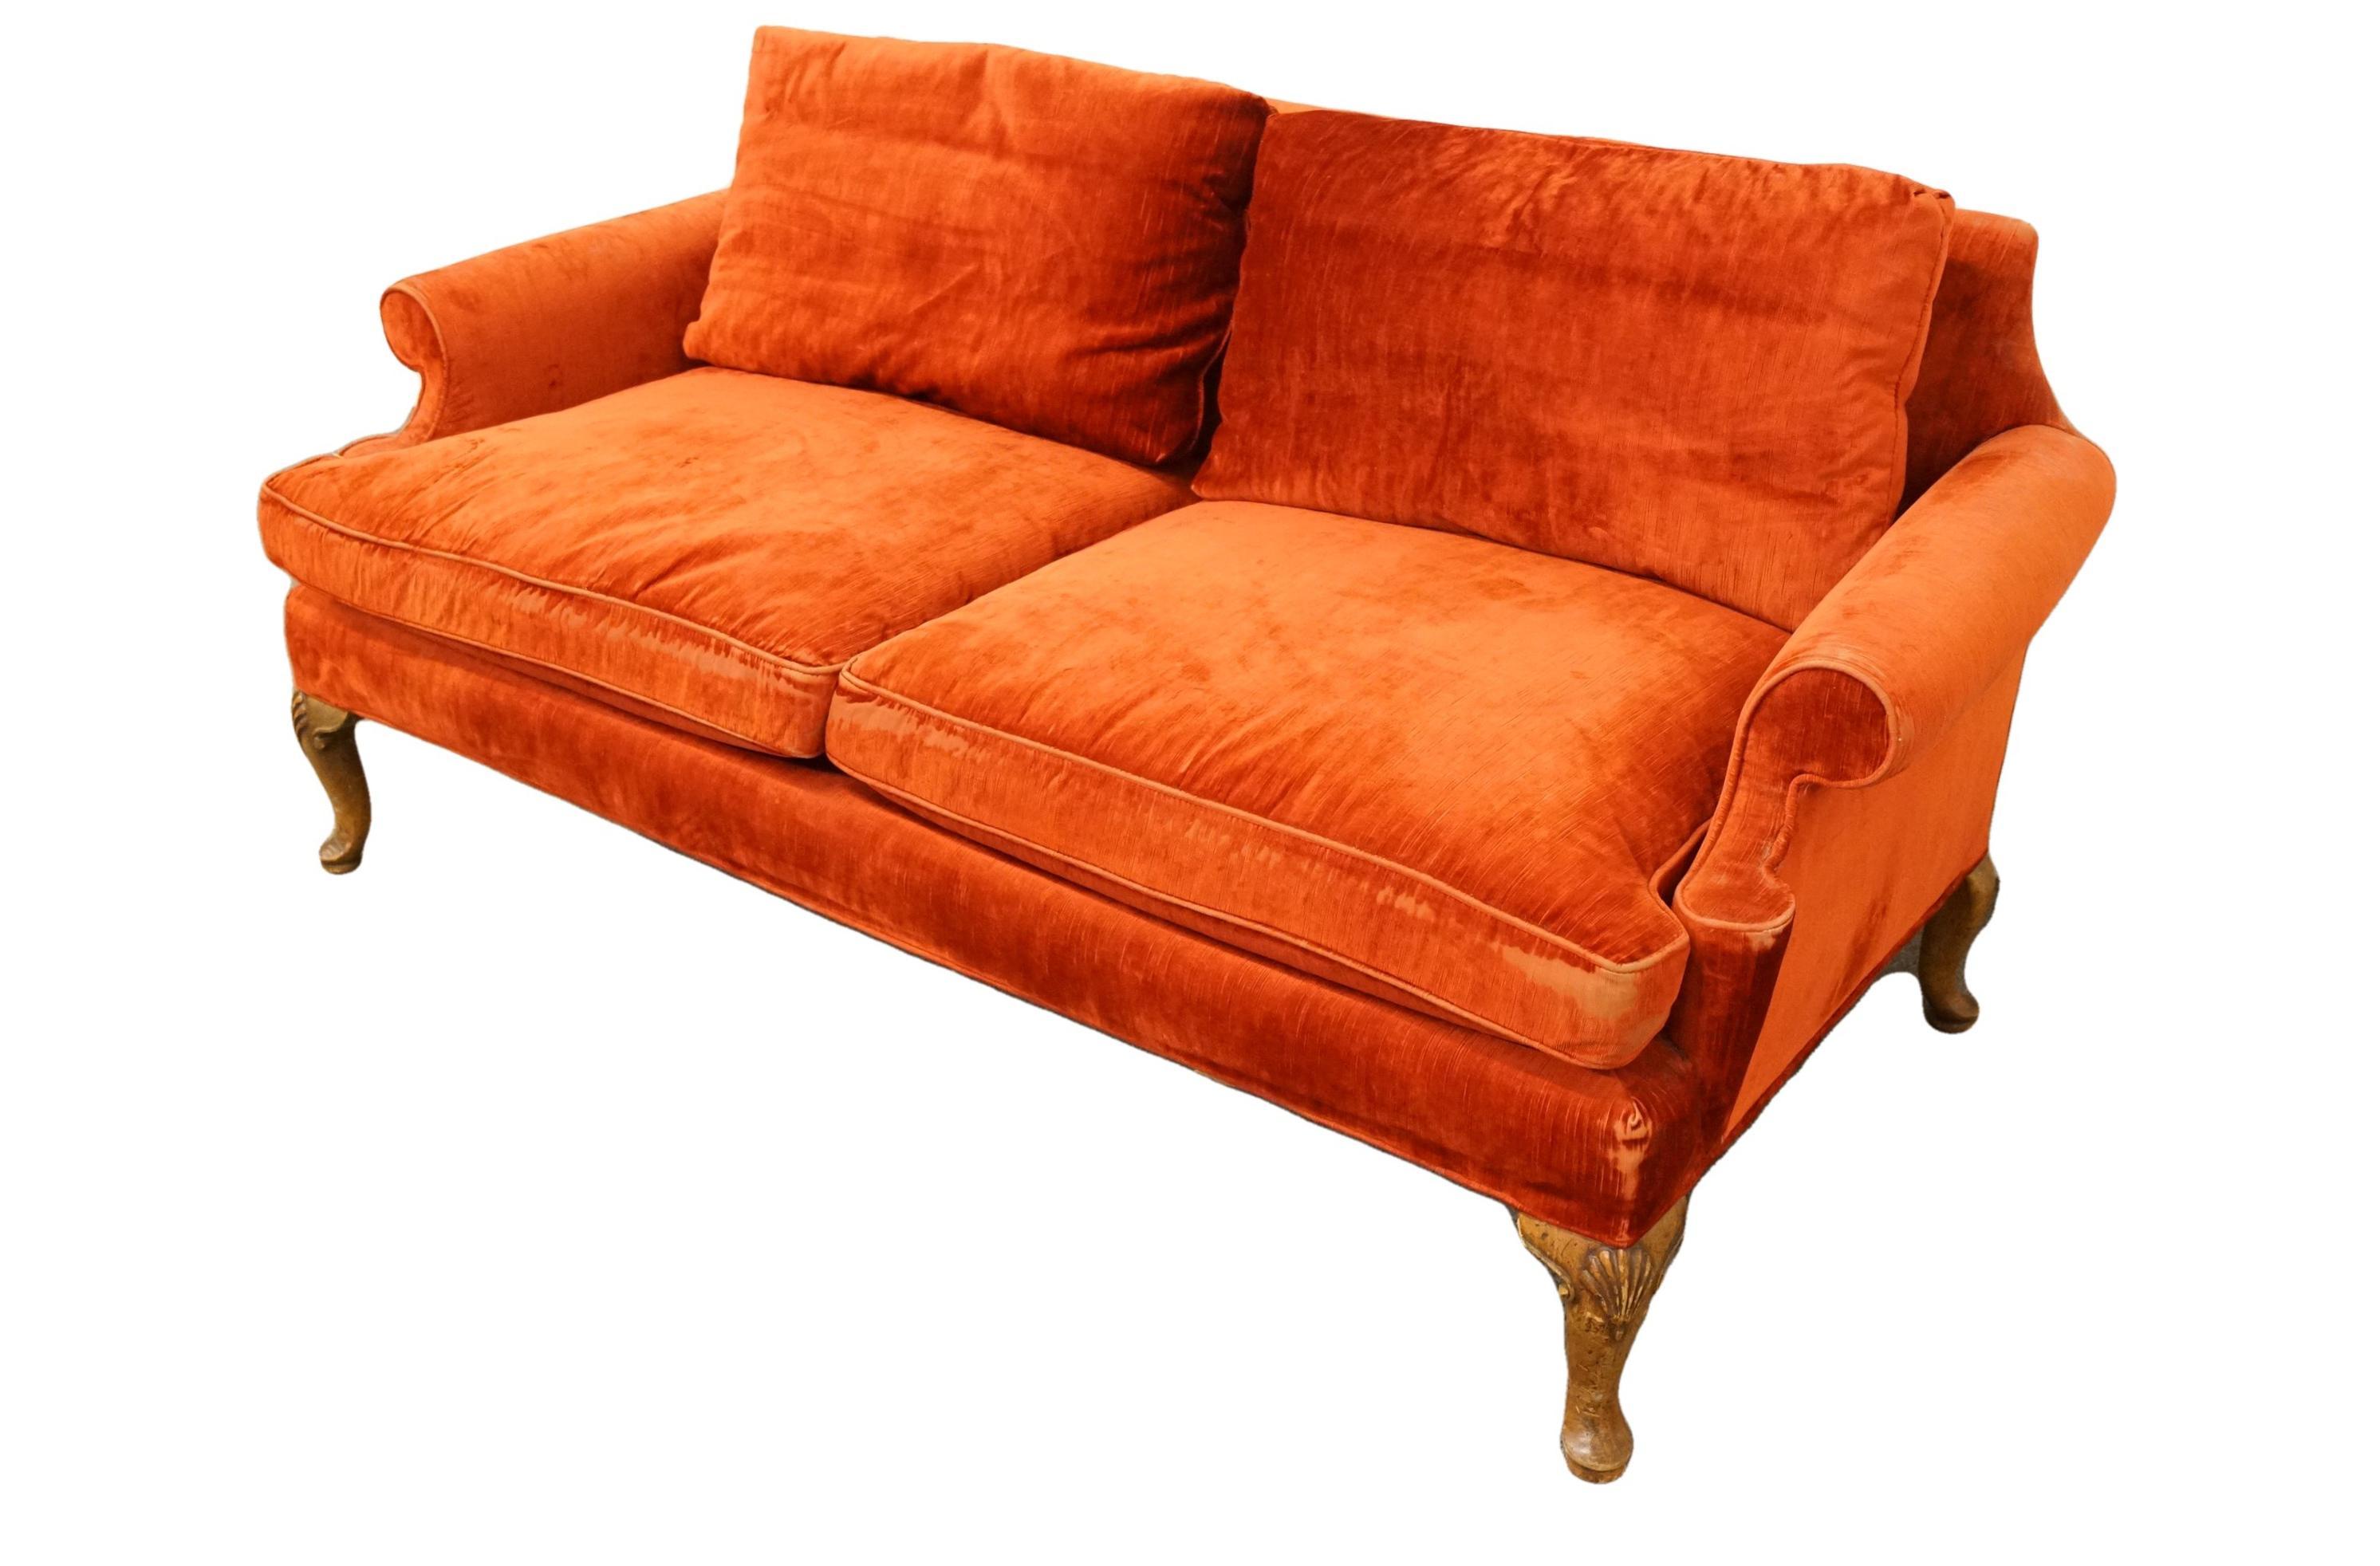 Henredon Furniture Rust Red Upholstered Loveseat Sofa Chairish